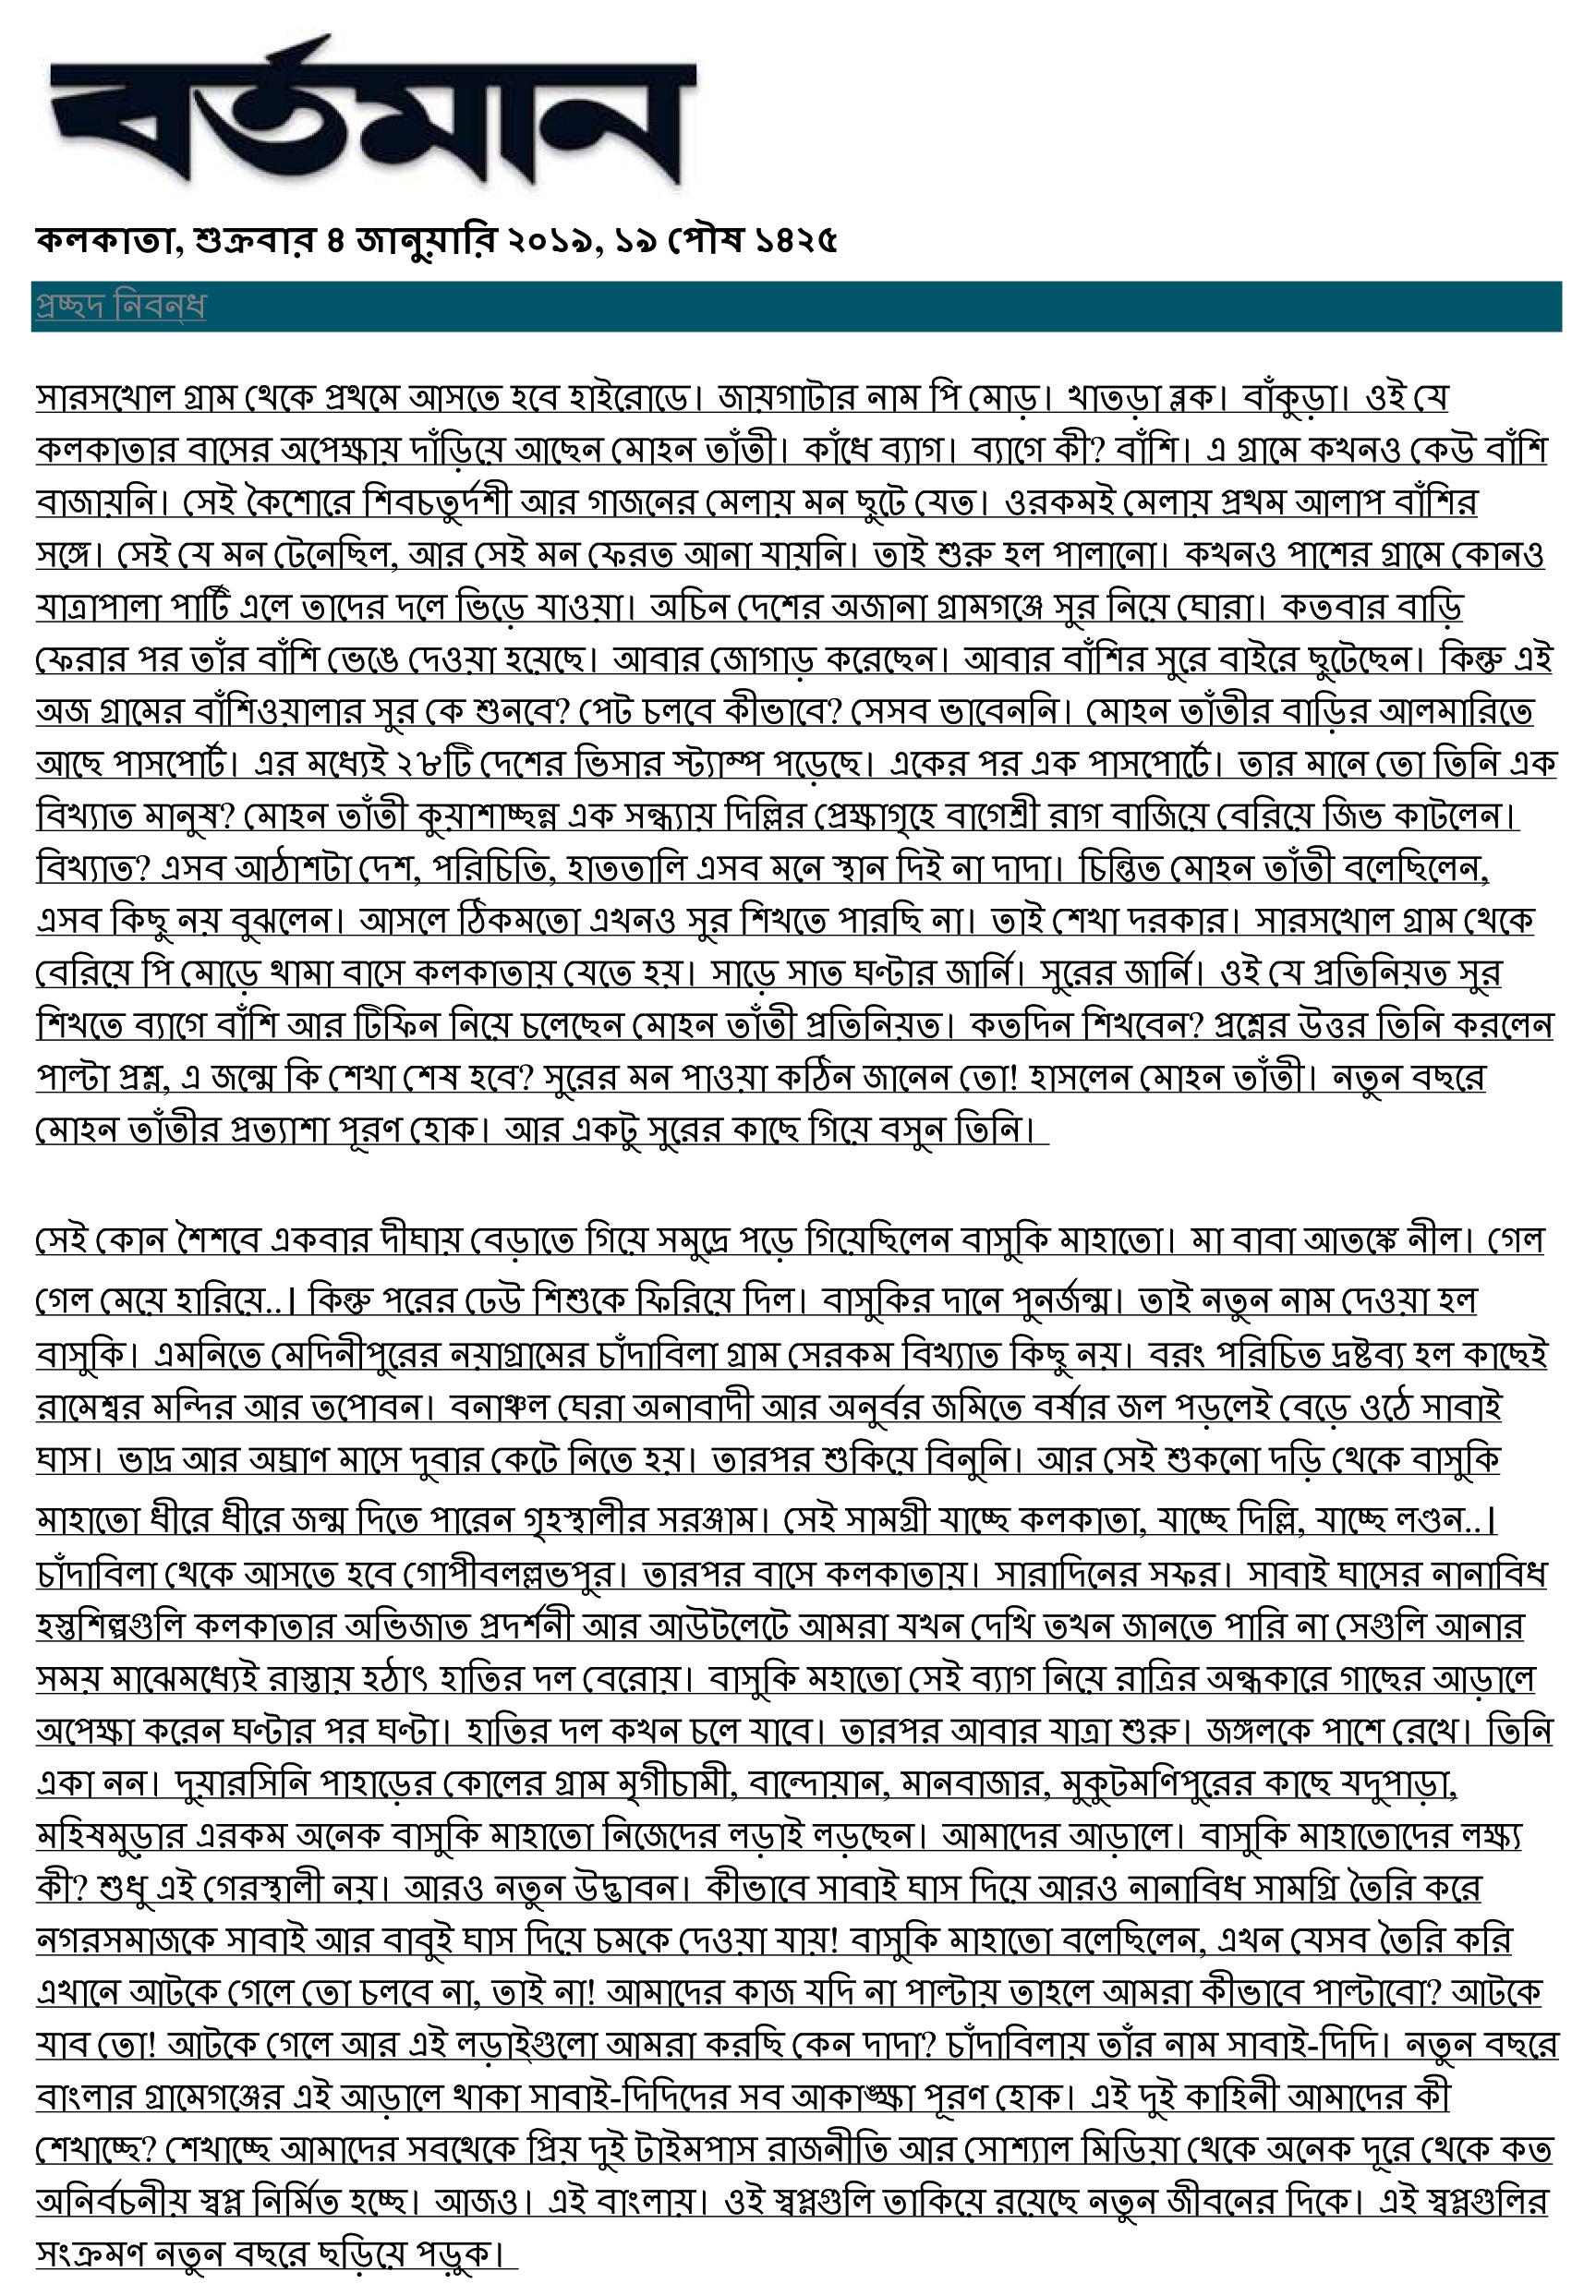 News clippings_Interview of Mohan Tanti flute player and Basuki Mahato sabai artisan_Bartaman 4 January 2019